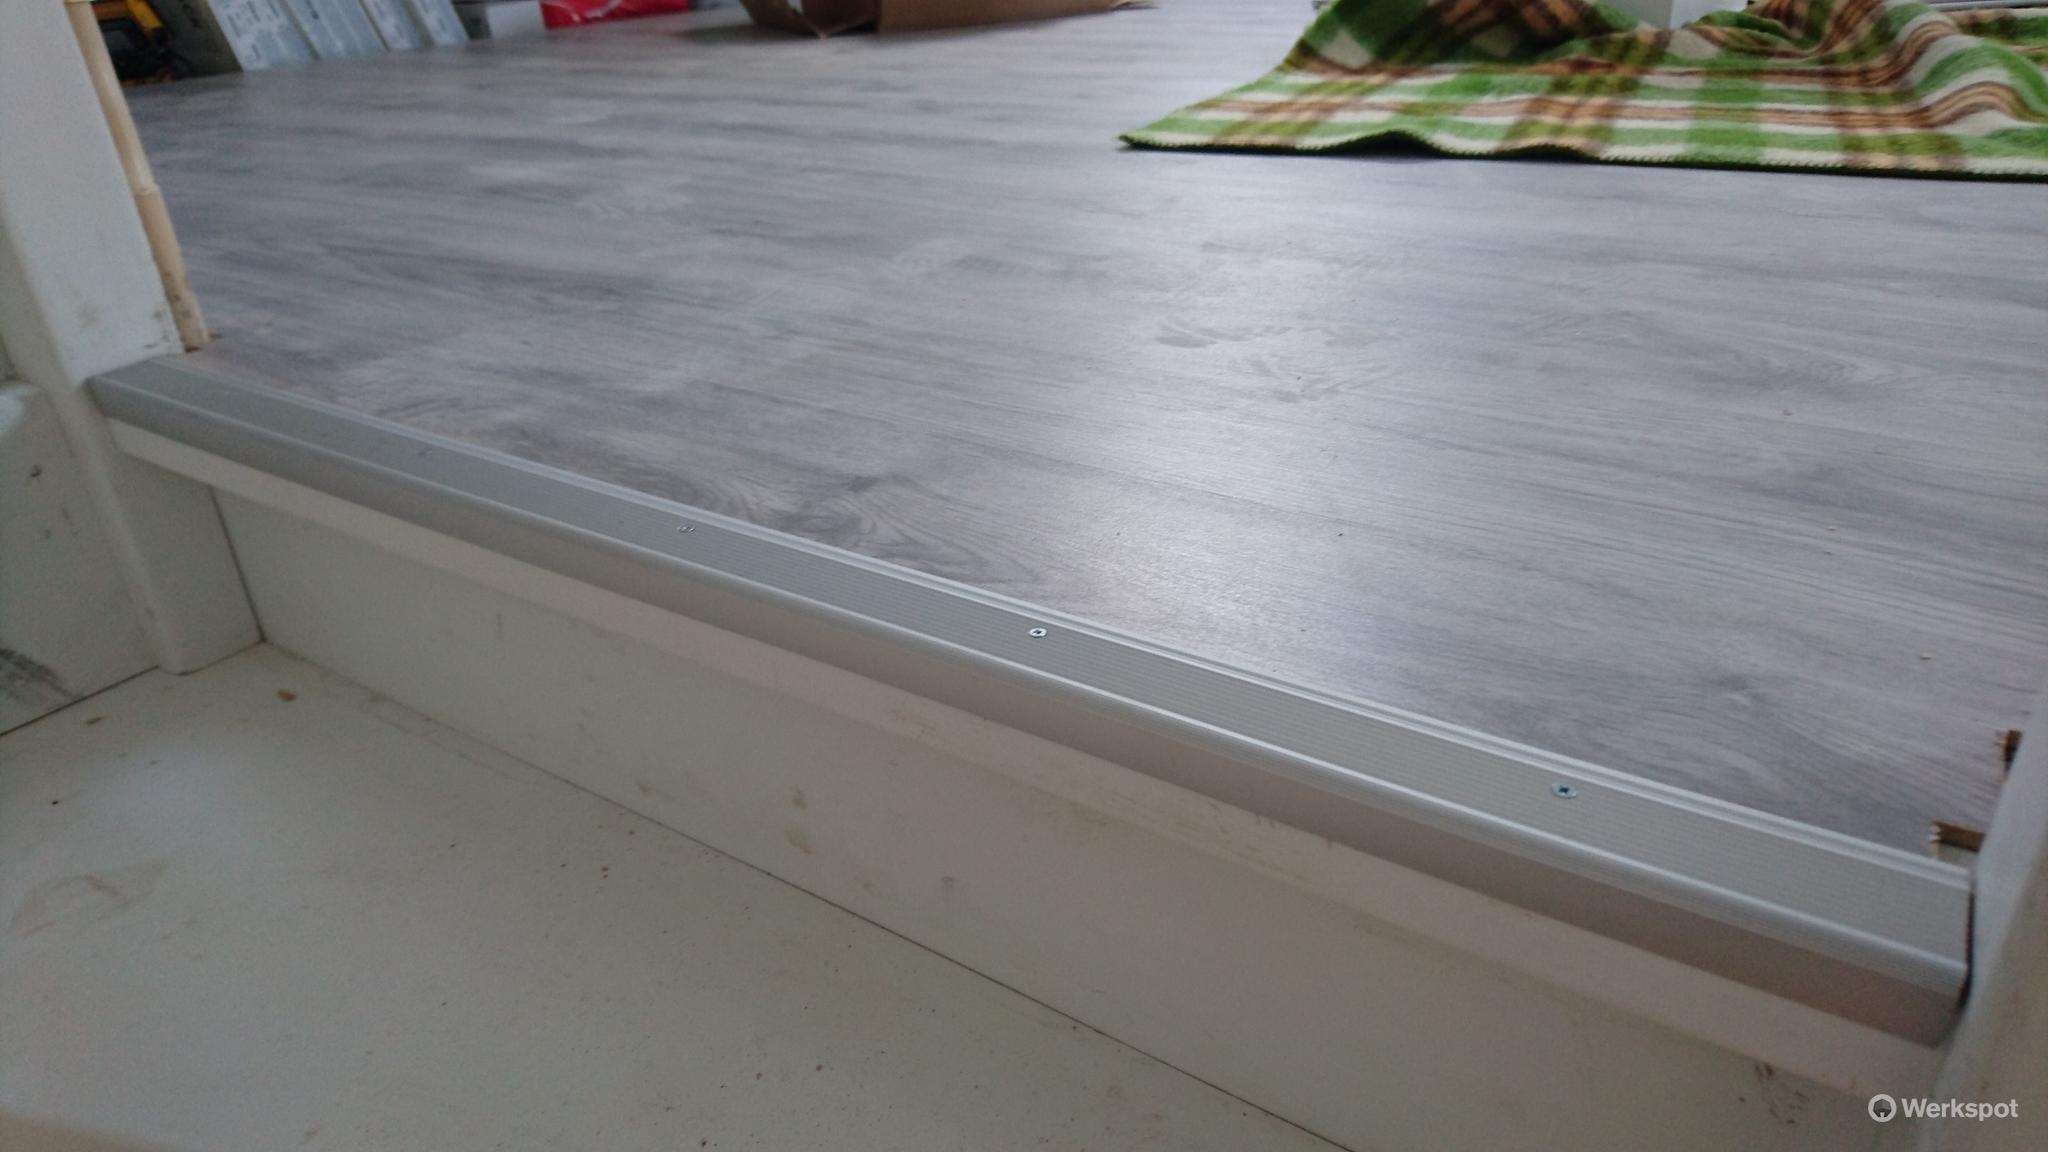 laminaat leggen icm ondervloer en plinten ong 110m2 werkspot